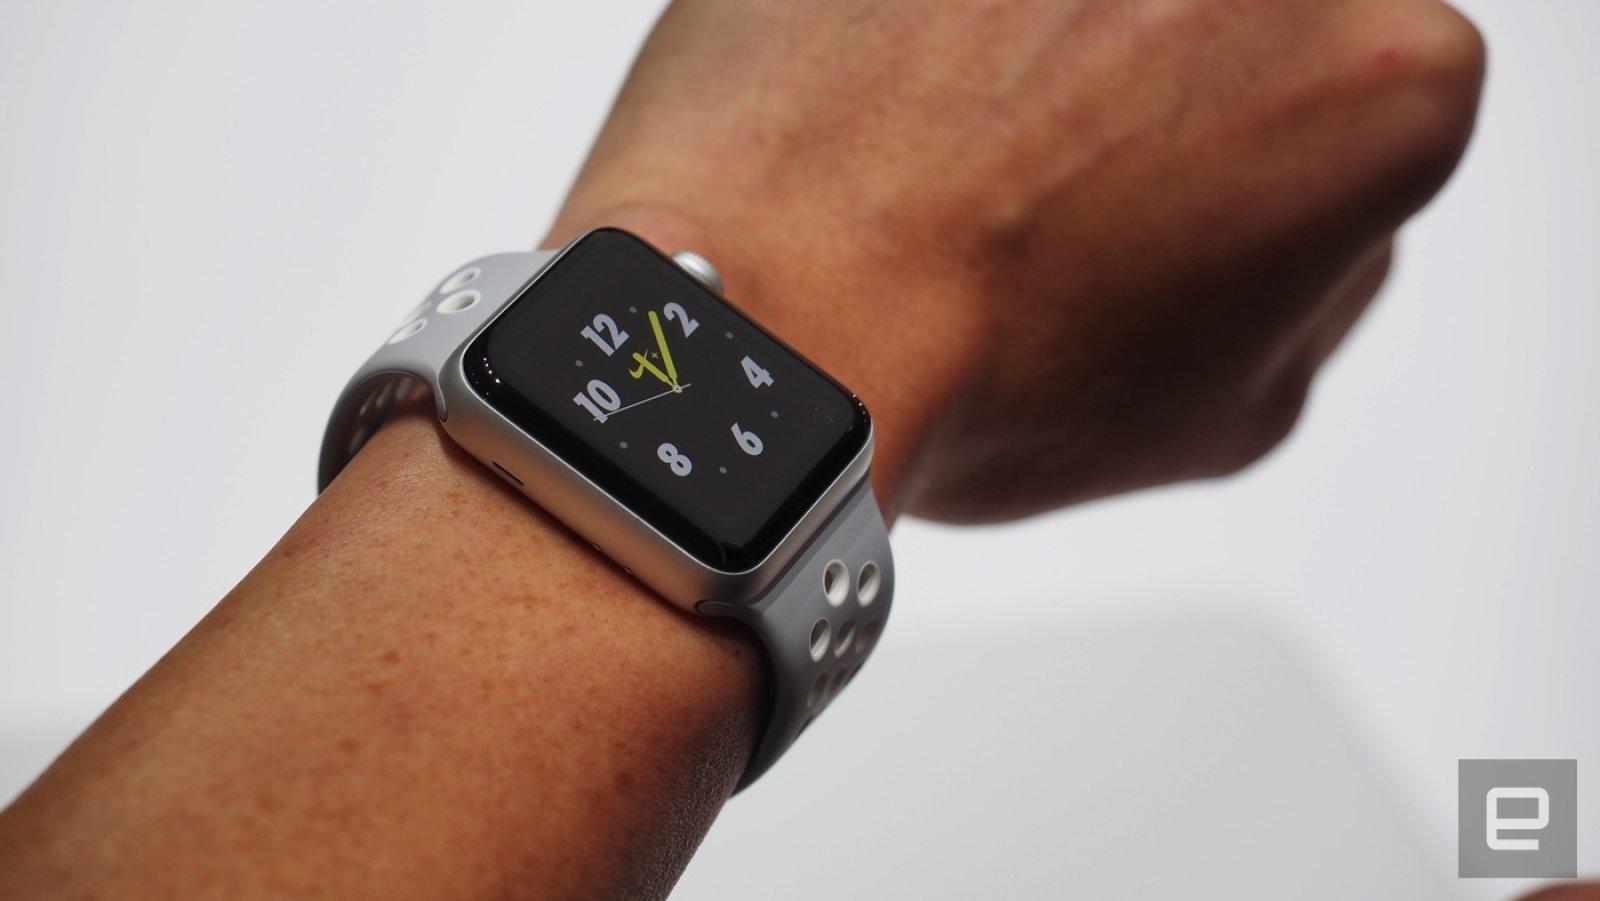 Apple Watch、watchOS 4で多彩なワークアウトをサポートへ。iOS 11ベータ版に証拠 ...